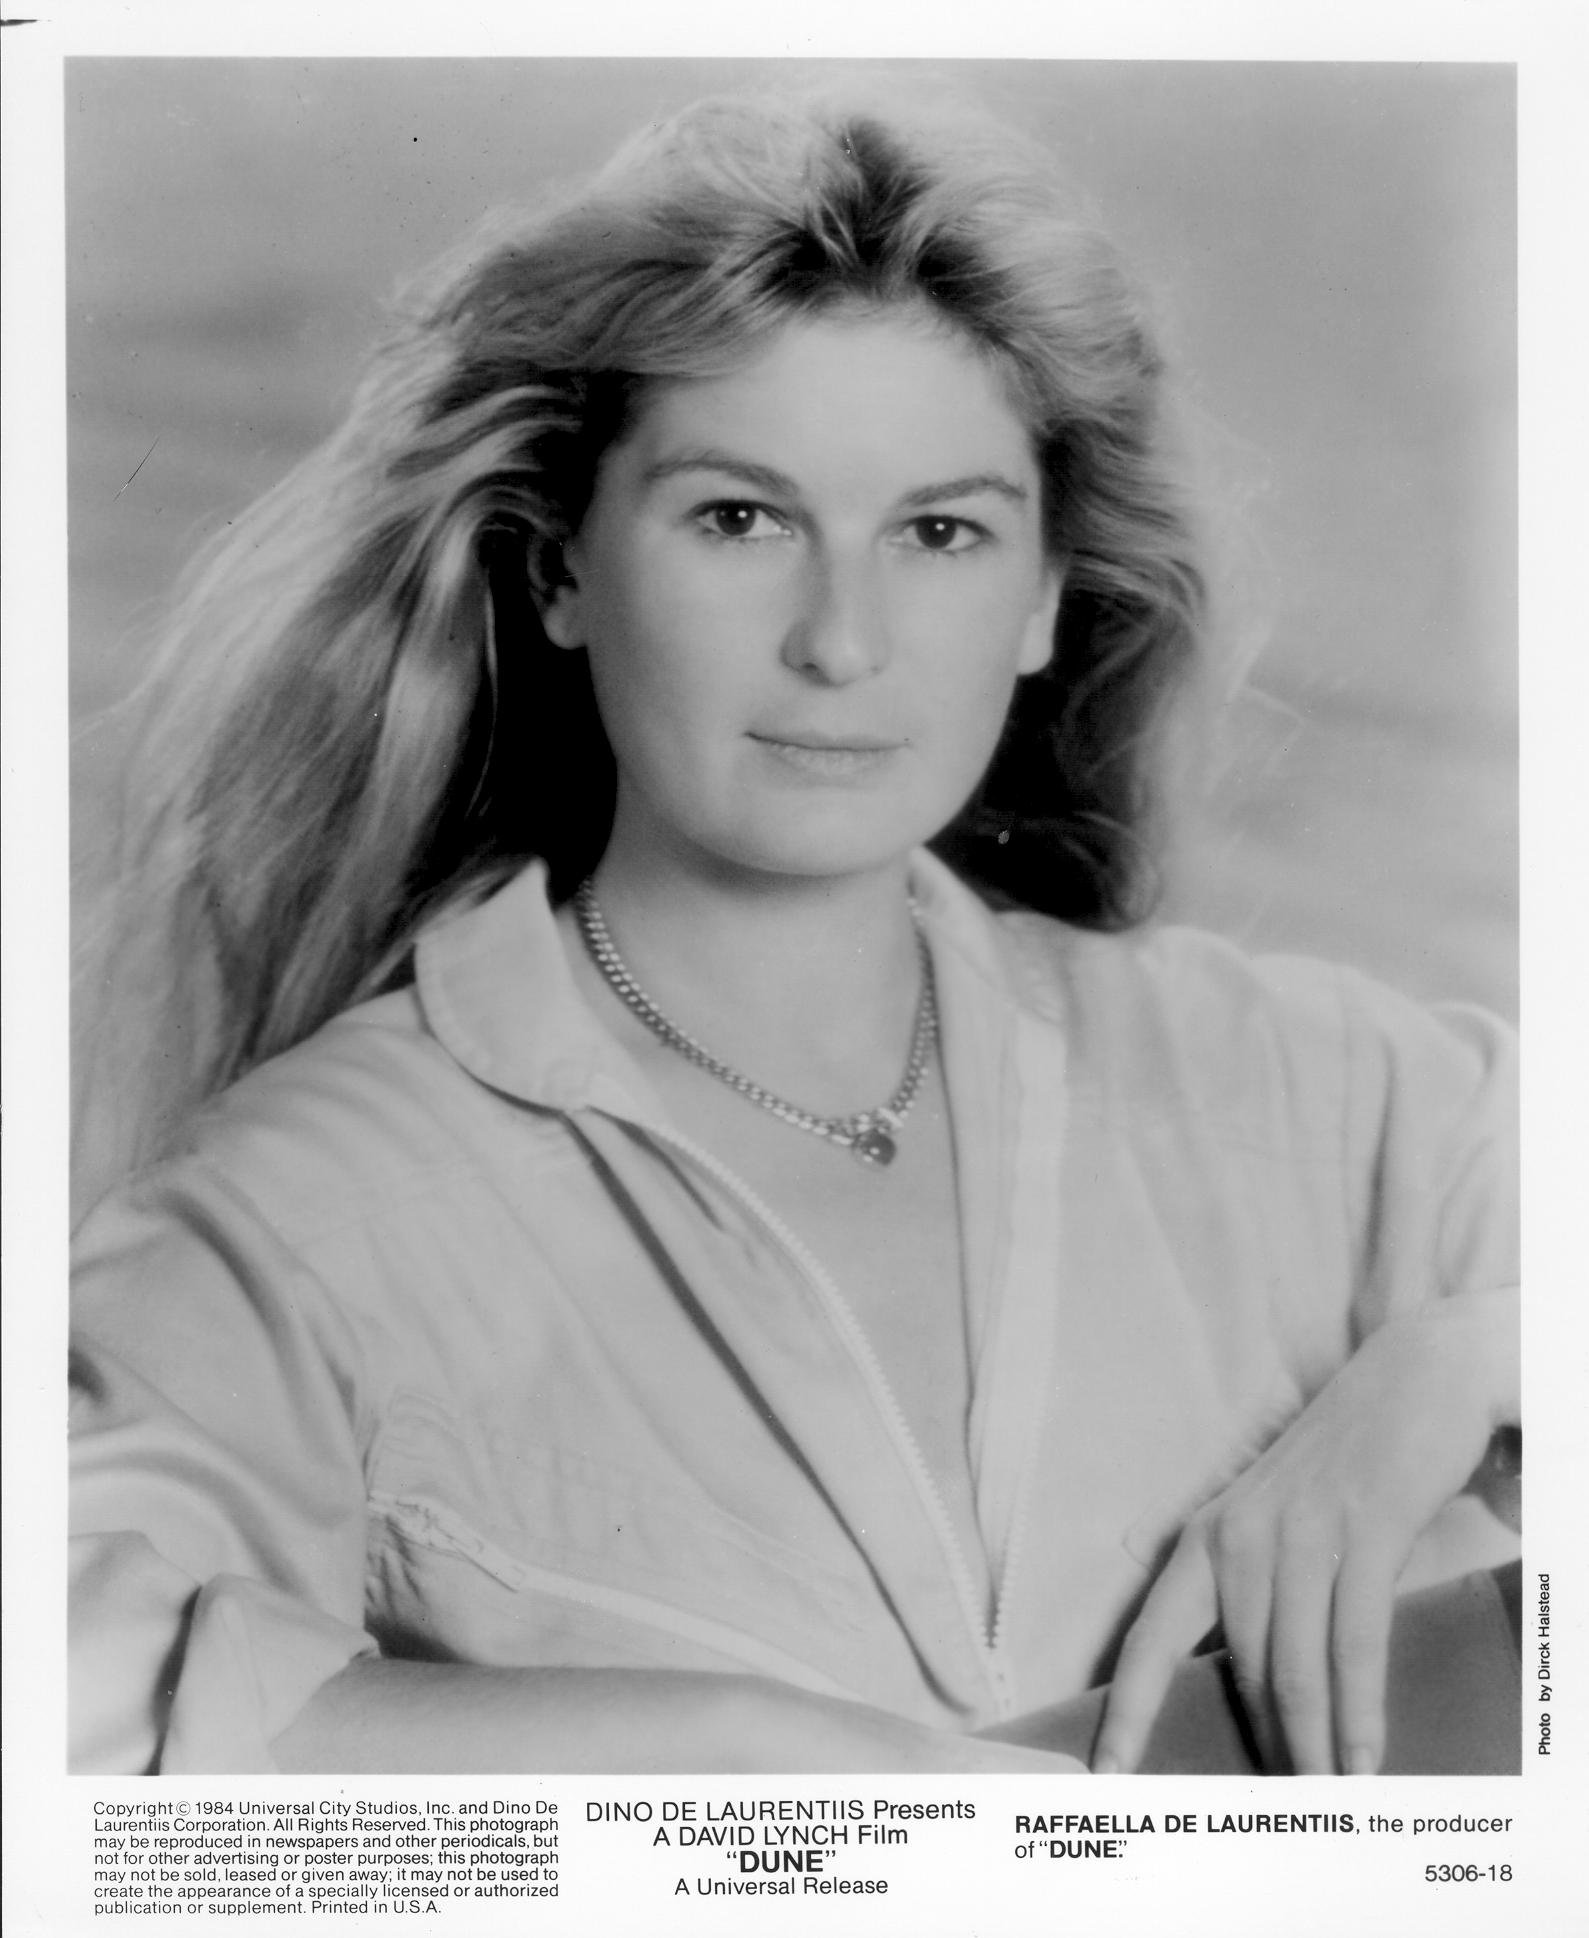 Raffaella De Laurentiis